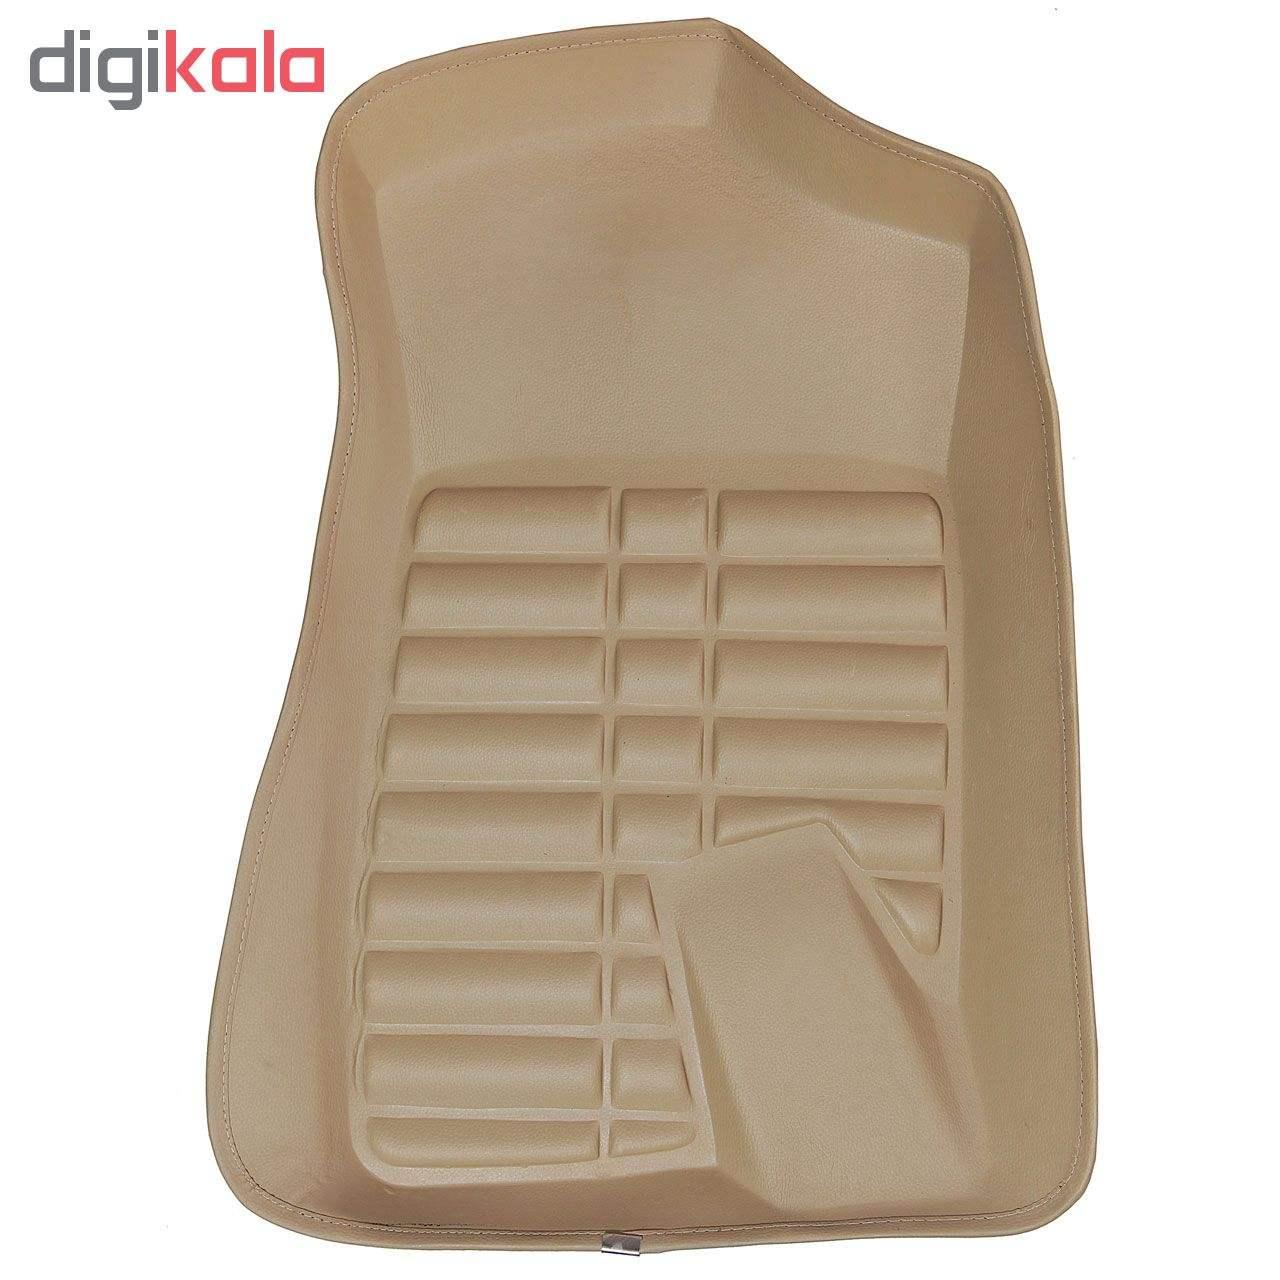 کفپوش سه بعدی خودرو مدل پالیز مناسب برای دنا-سمند-پژو 405-پارس main 1 3